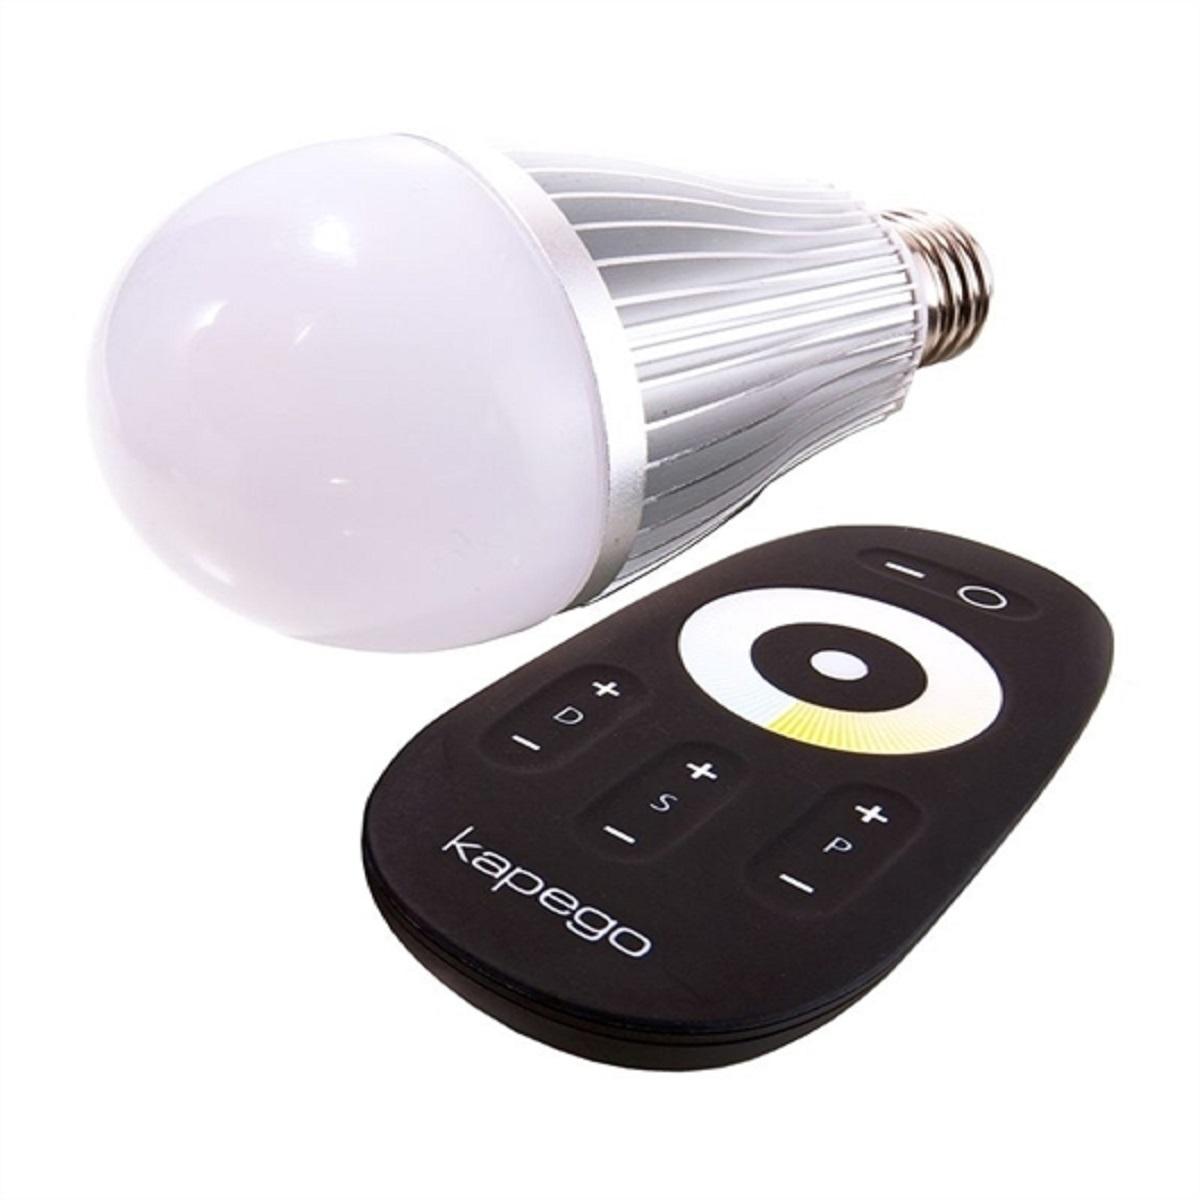 Accensione Lampadario Con Telecomando lampada led e27 doppio colore luce da 2700k a 6000k sincronizzabile rf  dimmer